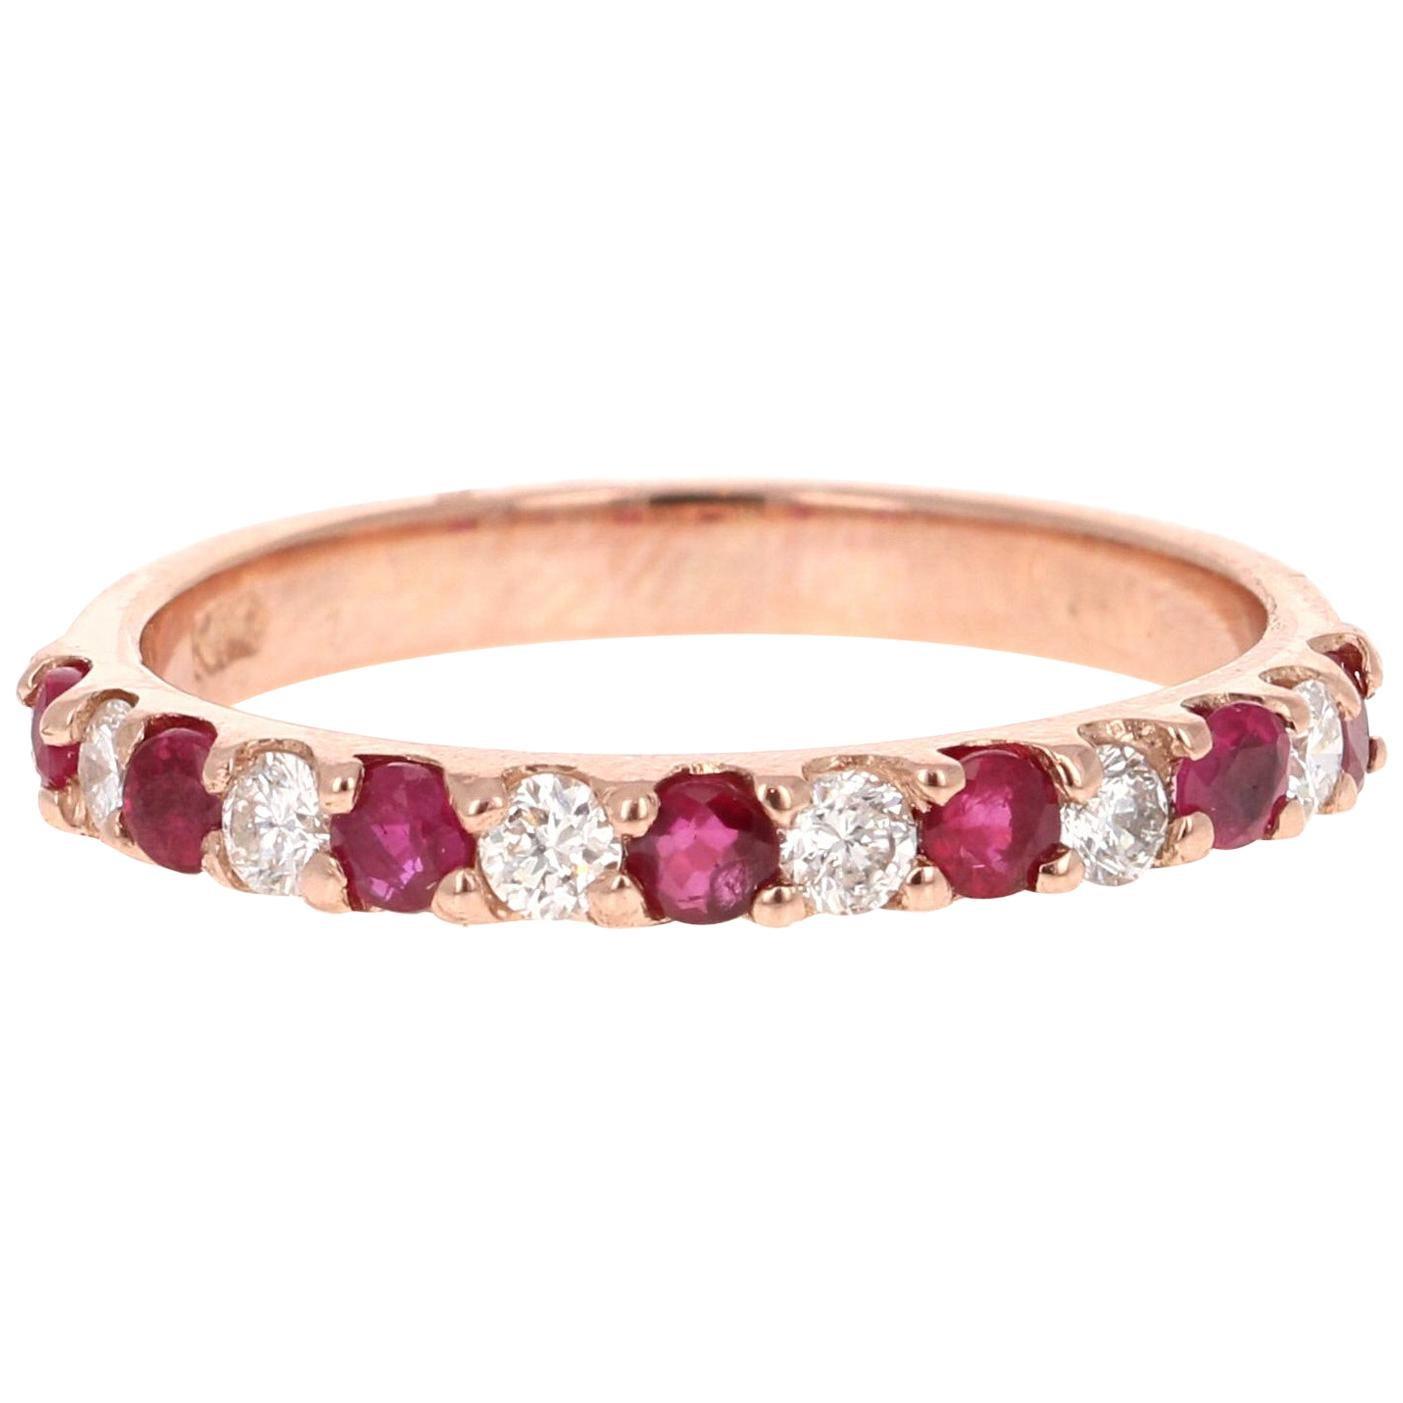 0.69 Carat Ruby Diamond 14 Karat Rose Gold Band